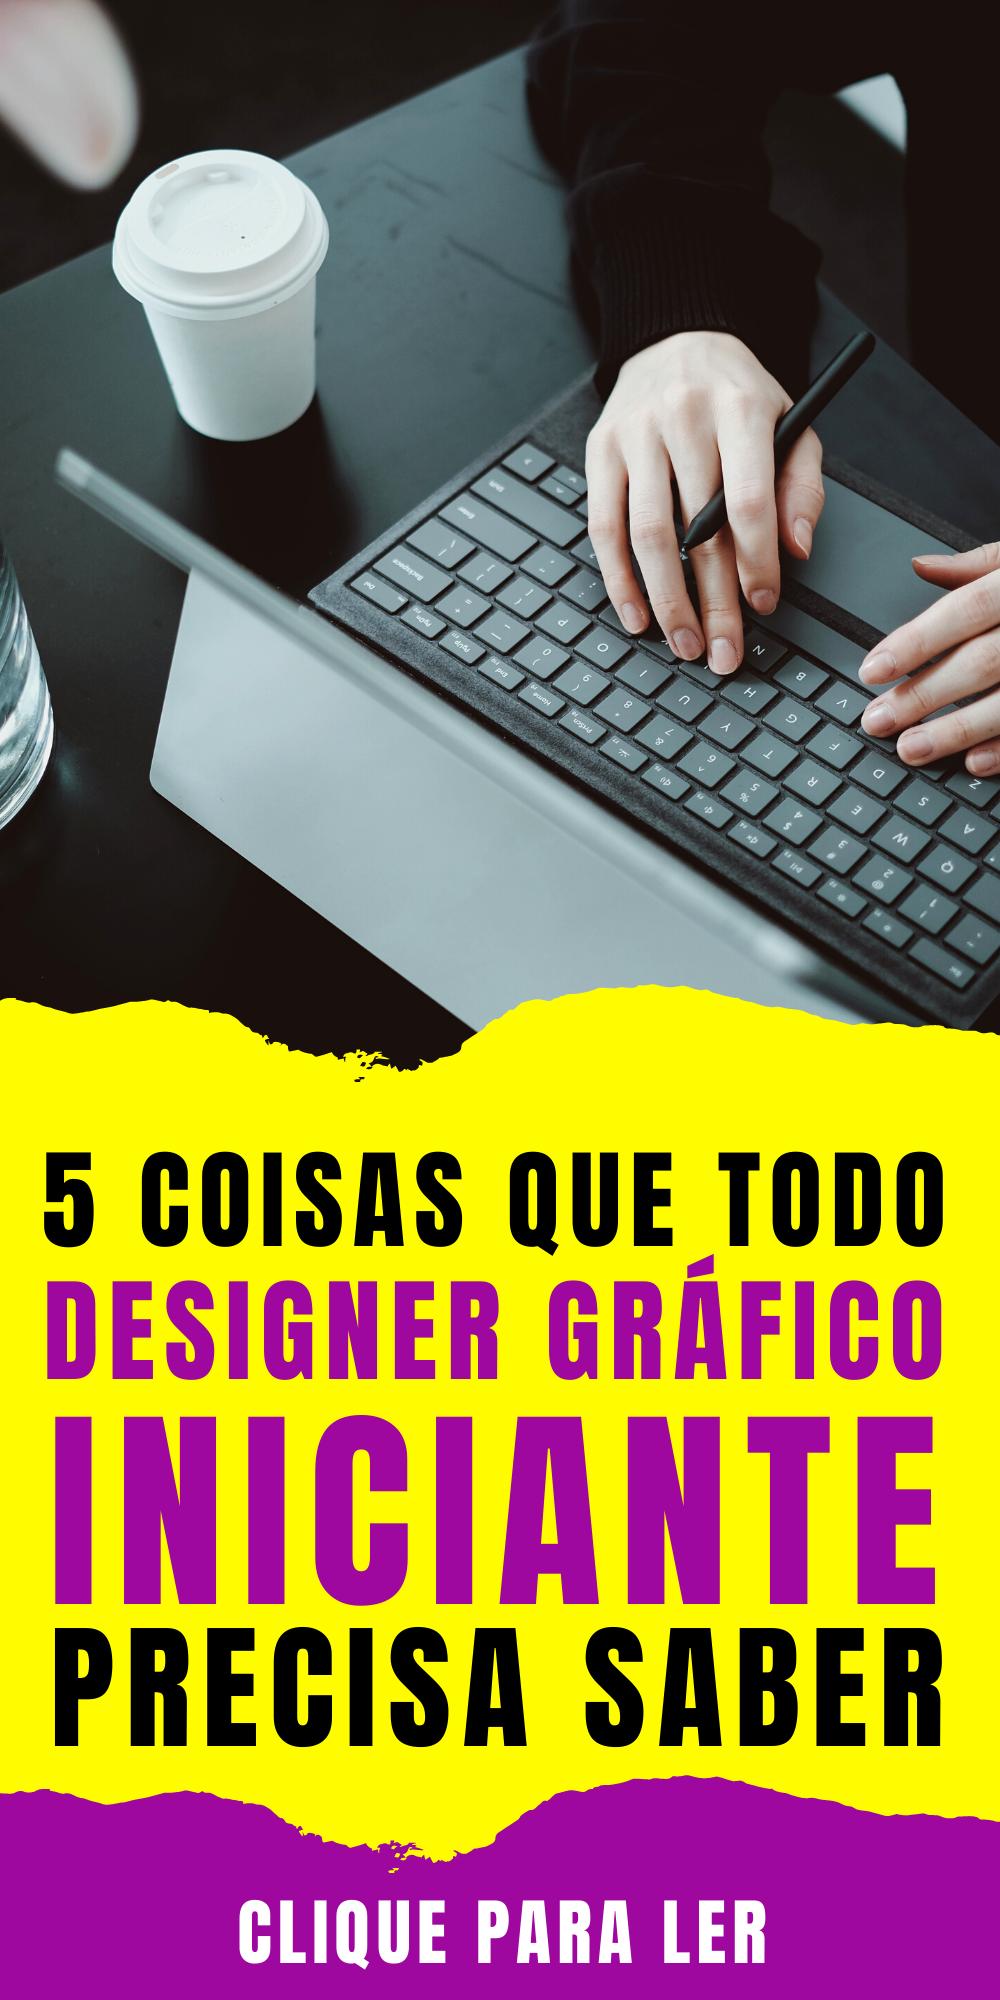 Exclusivo: 5 coisas que todo designer grafico inic...